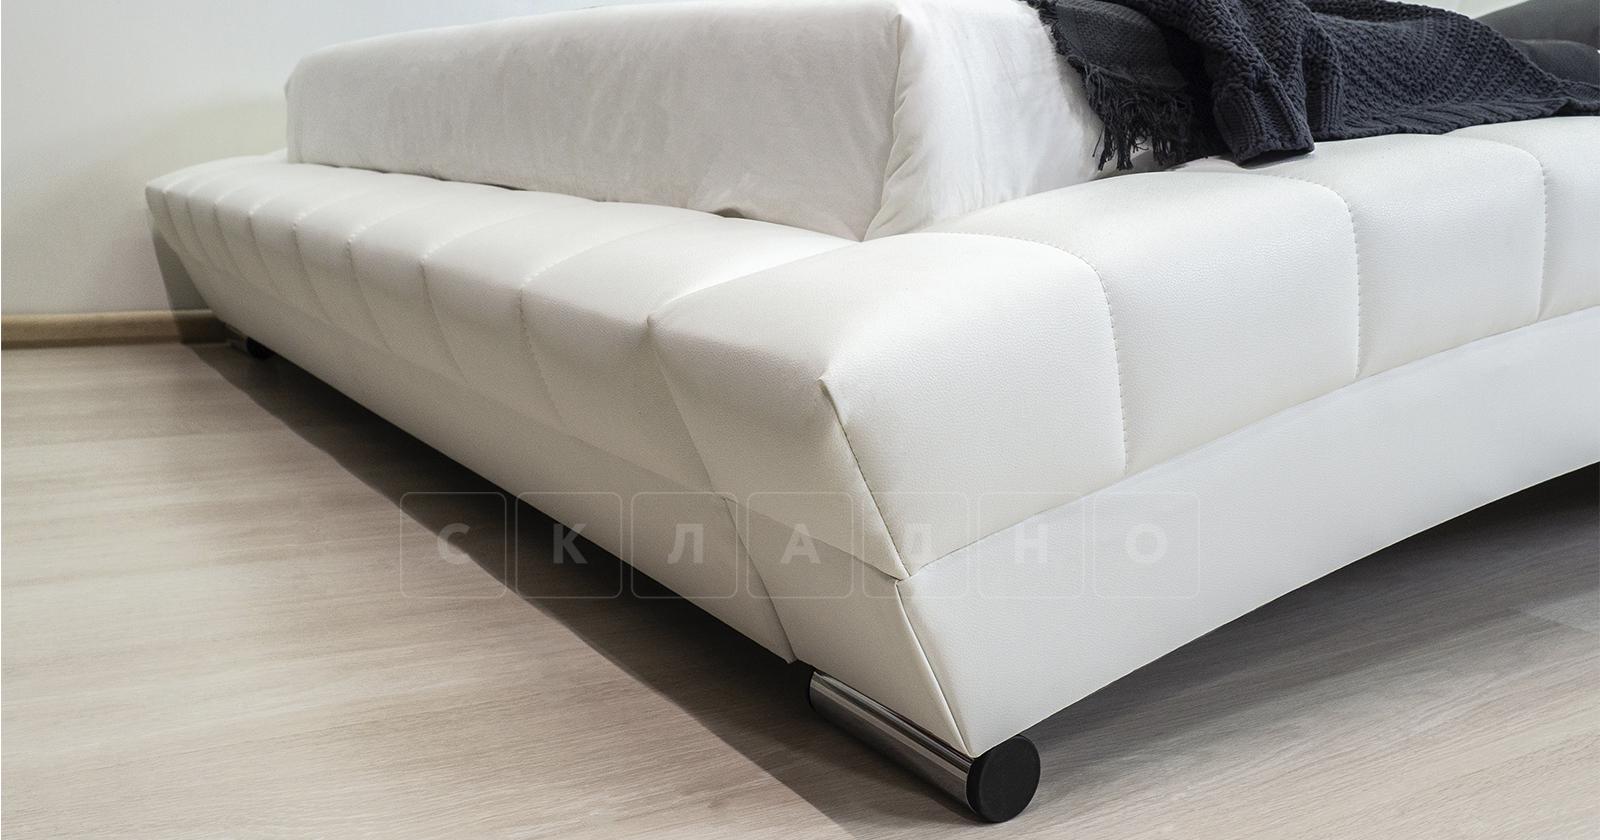 Мягкая кровать Оливия 160 см экокожа белый фото 12 | интернет-магазин Складно